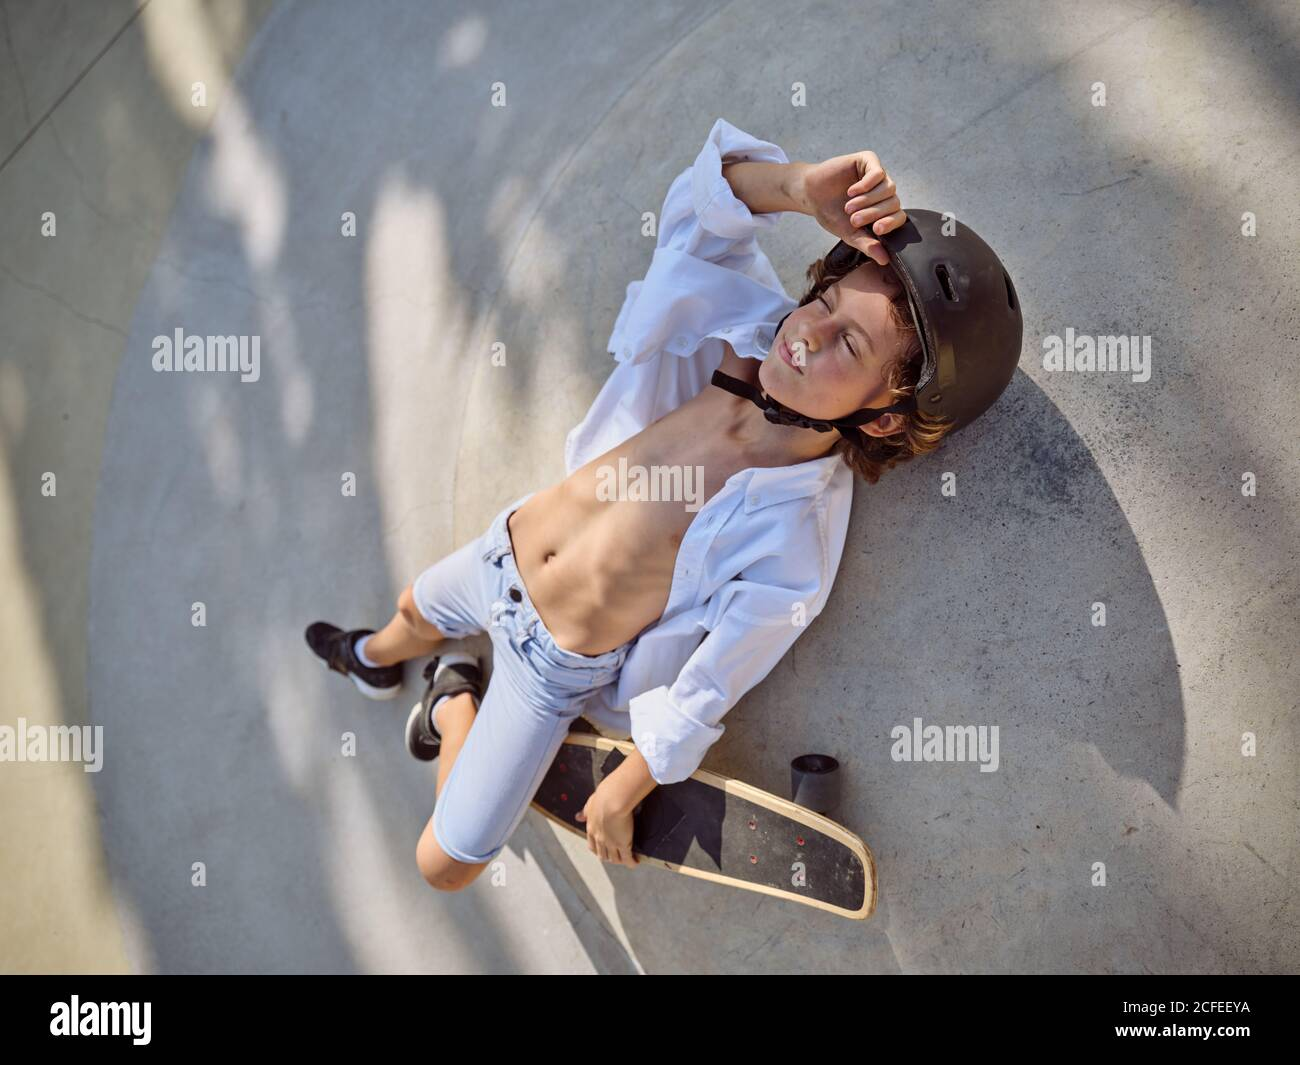 Blick von oben auf Kind im Helm liegend mit Augen geschlossen und chillen auf dem Boden im Skatepark mit Schatten Stockfoto